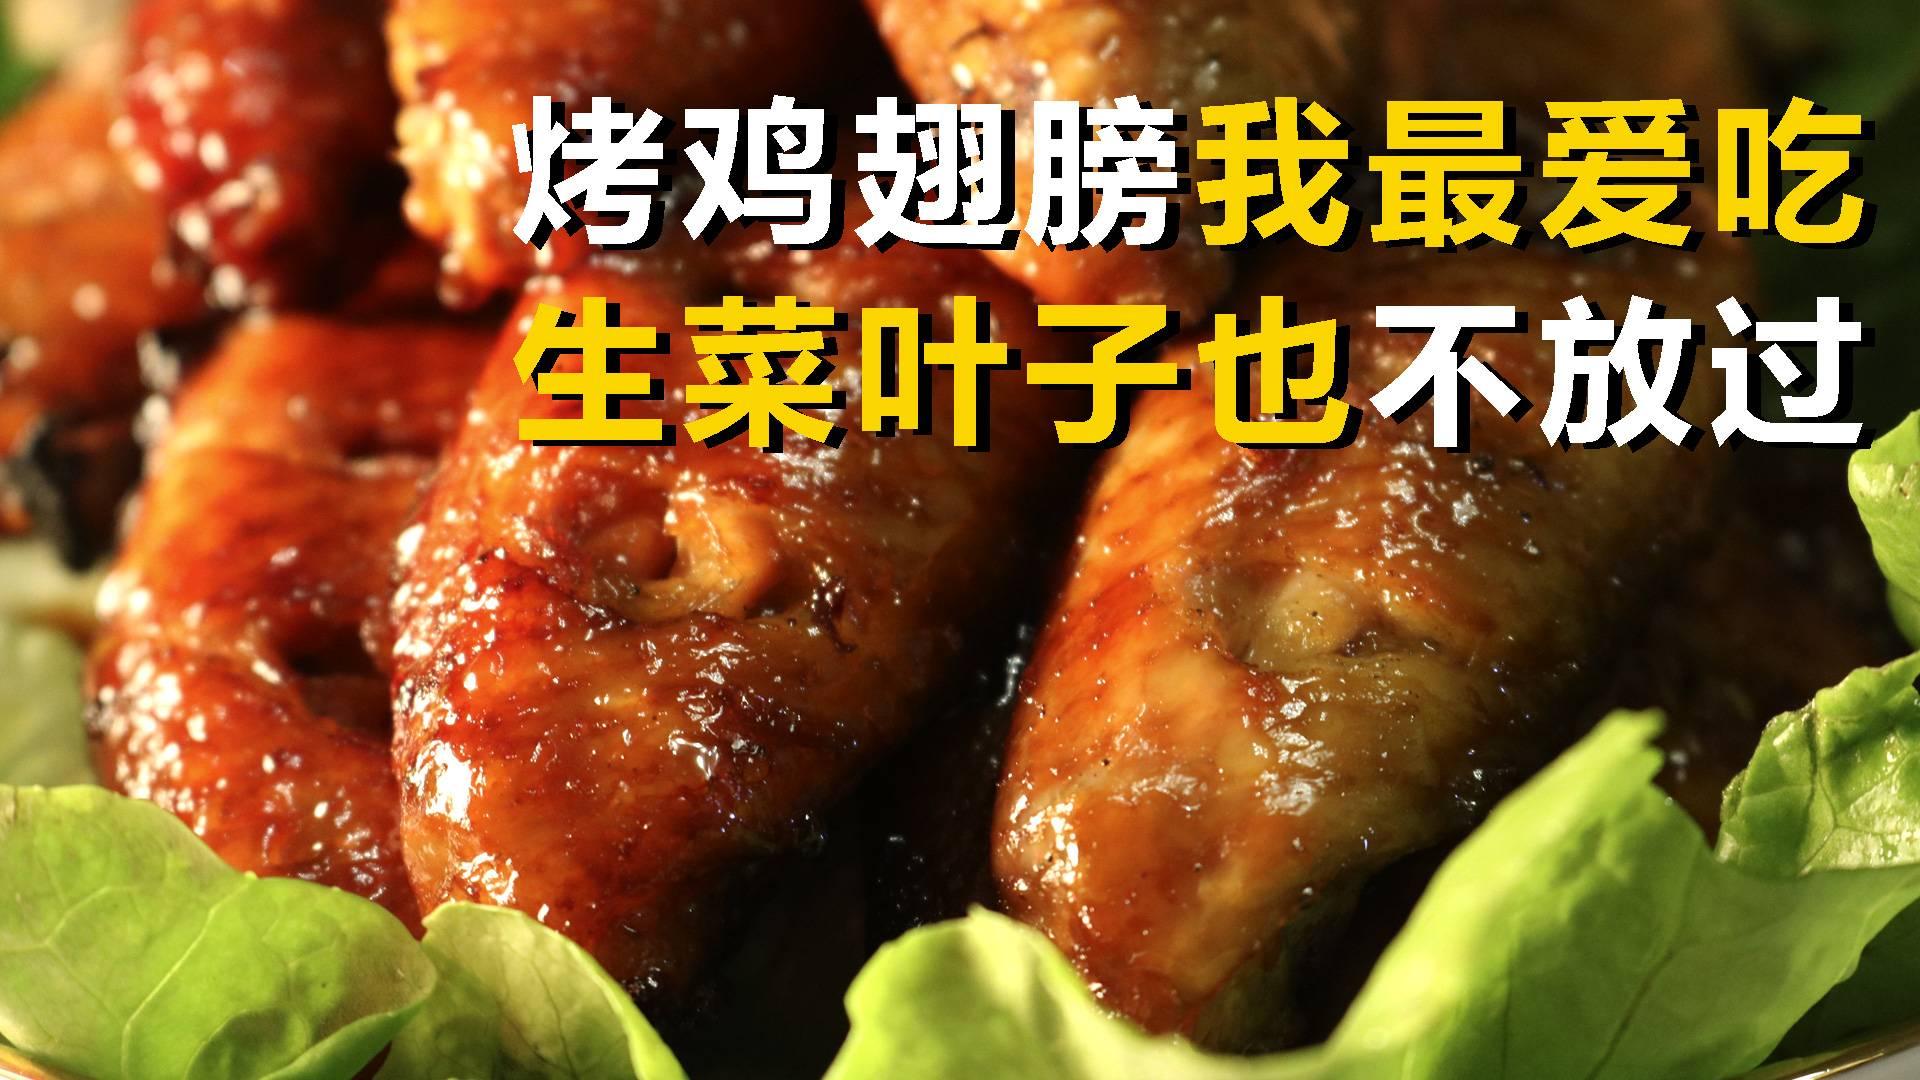 蜜汁烤鸡翅三婶最拿手,小家伙连生菜叶子都吃【今天吃点啥】